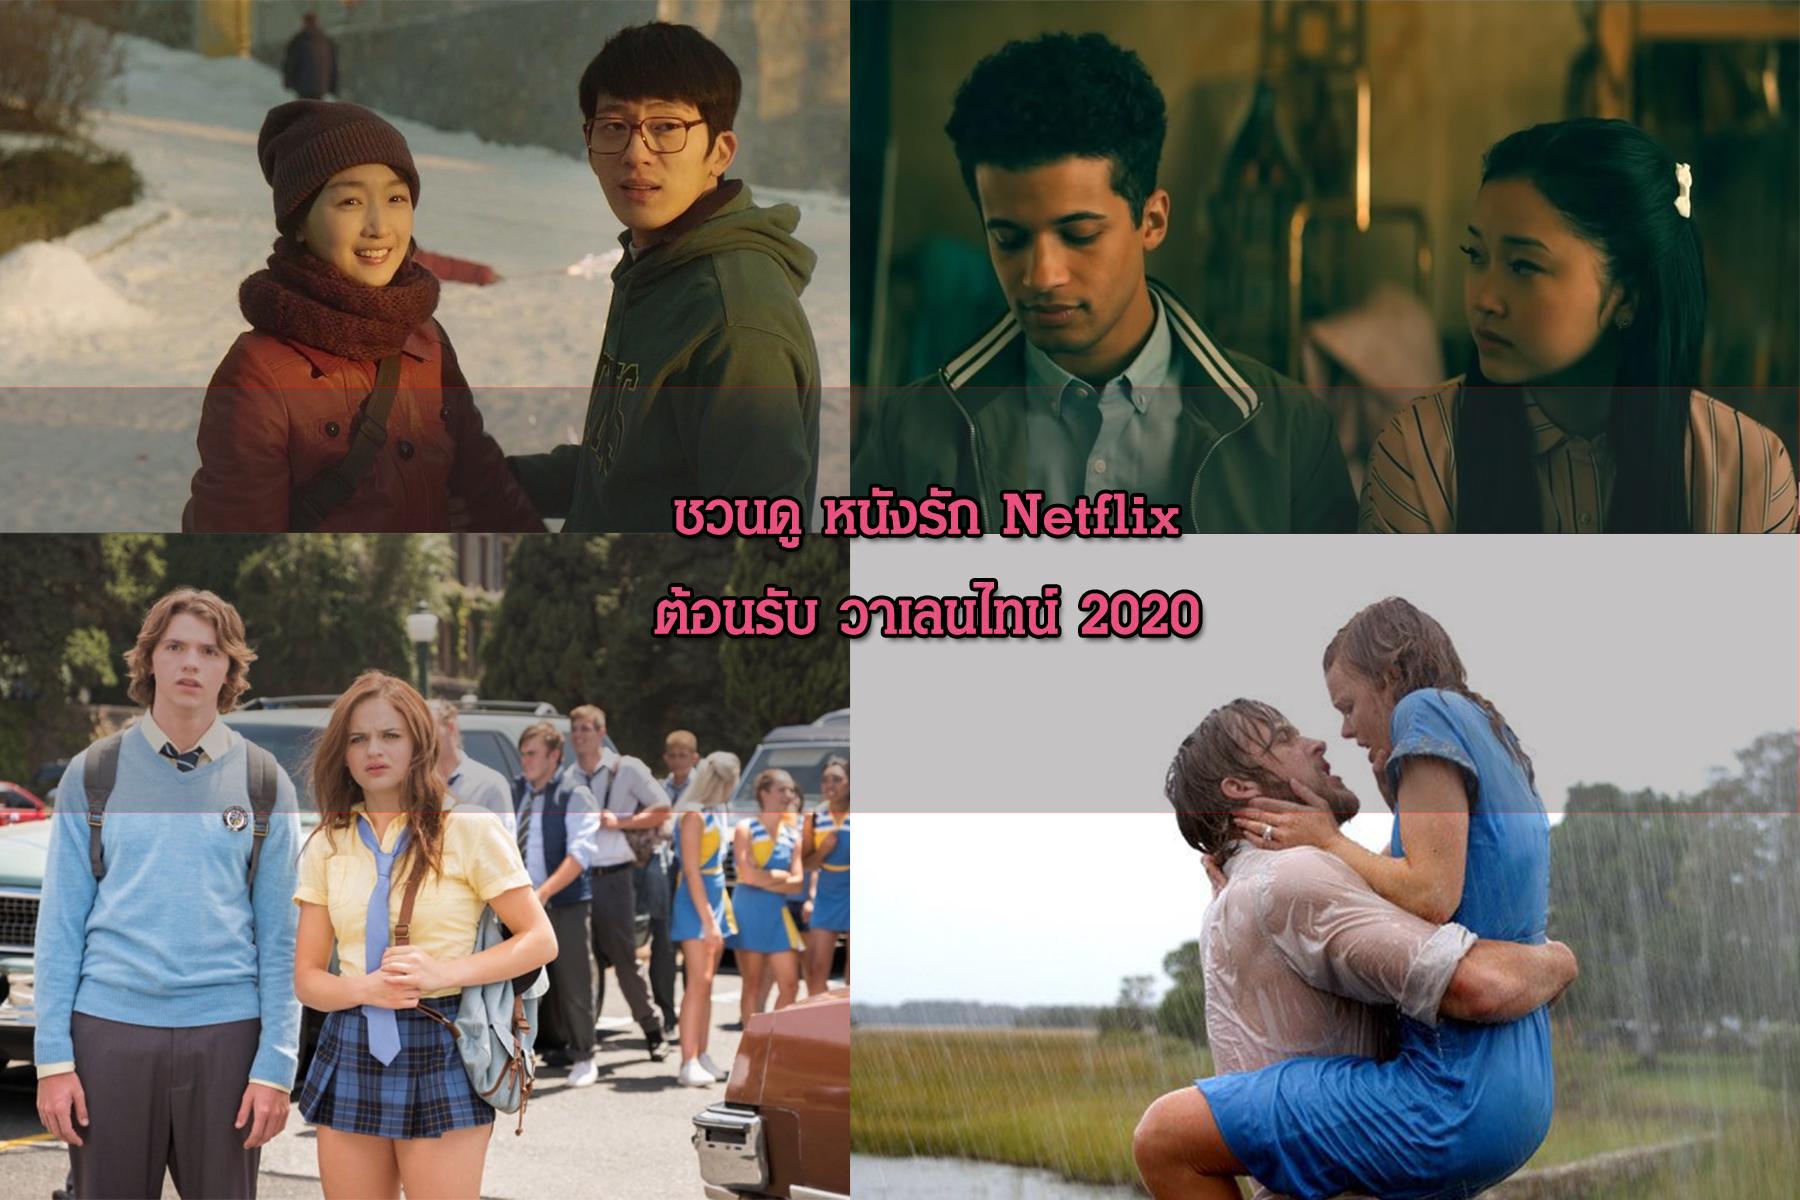 ชวนดู หนังรัก Netflix ต้อนรับ วาเลนไทน์ 2020 กุมมือดูหนังสุดโรแมนติคไปพร้อมๆกันกับเทศกาลแห่งความรักนี้